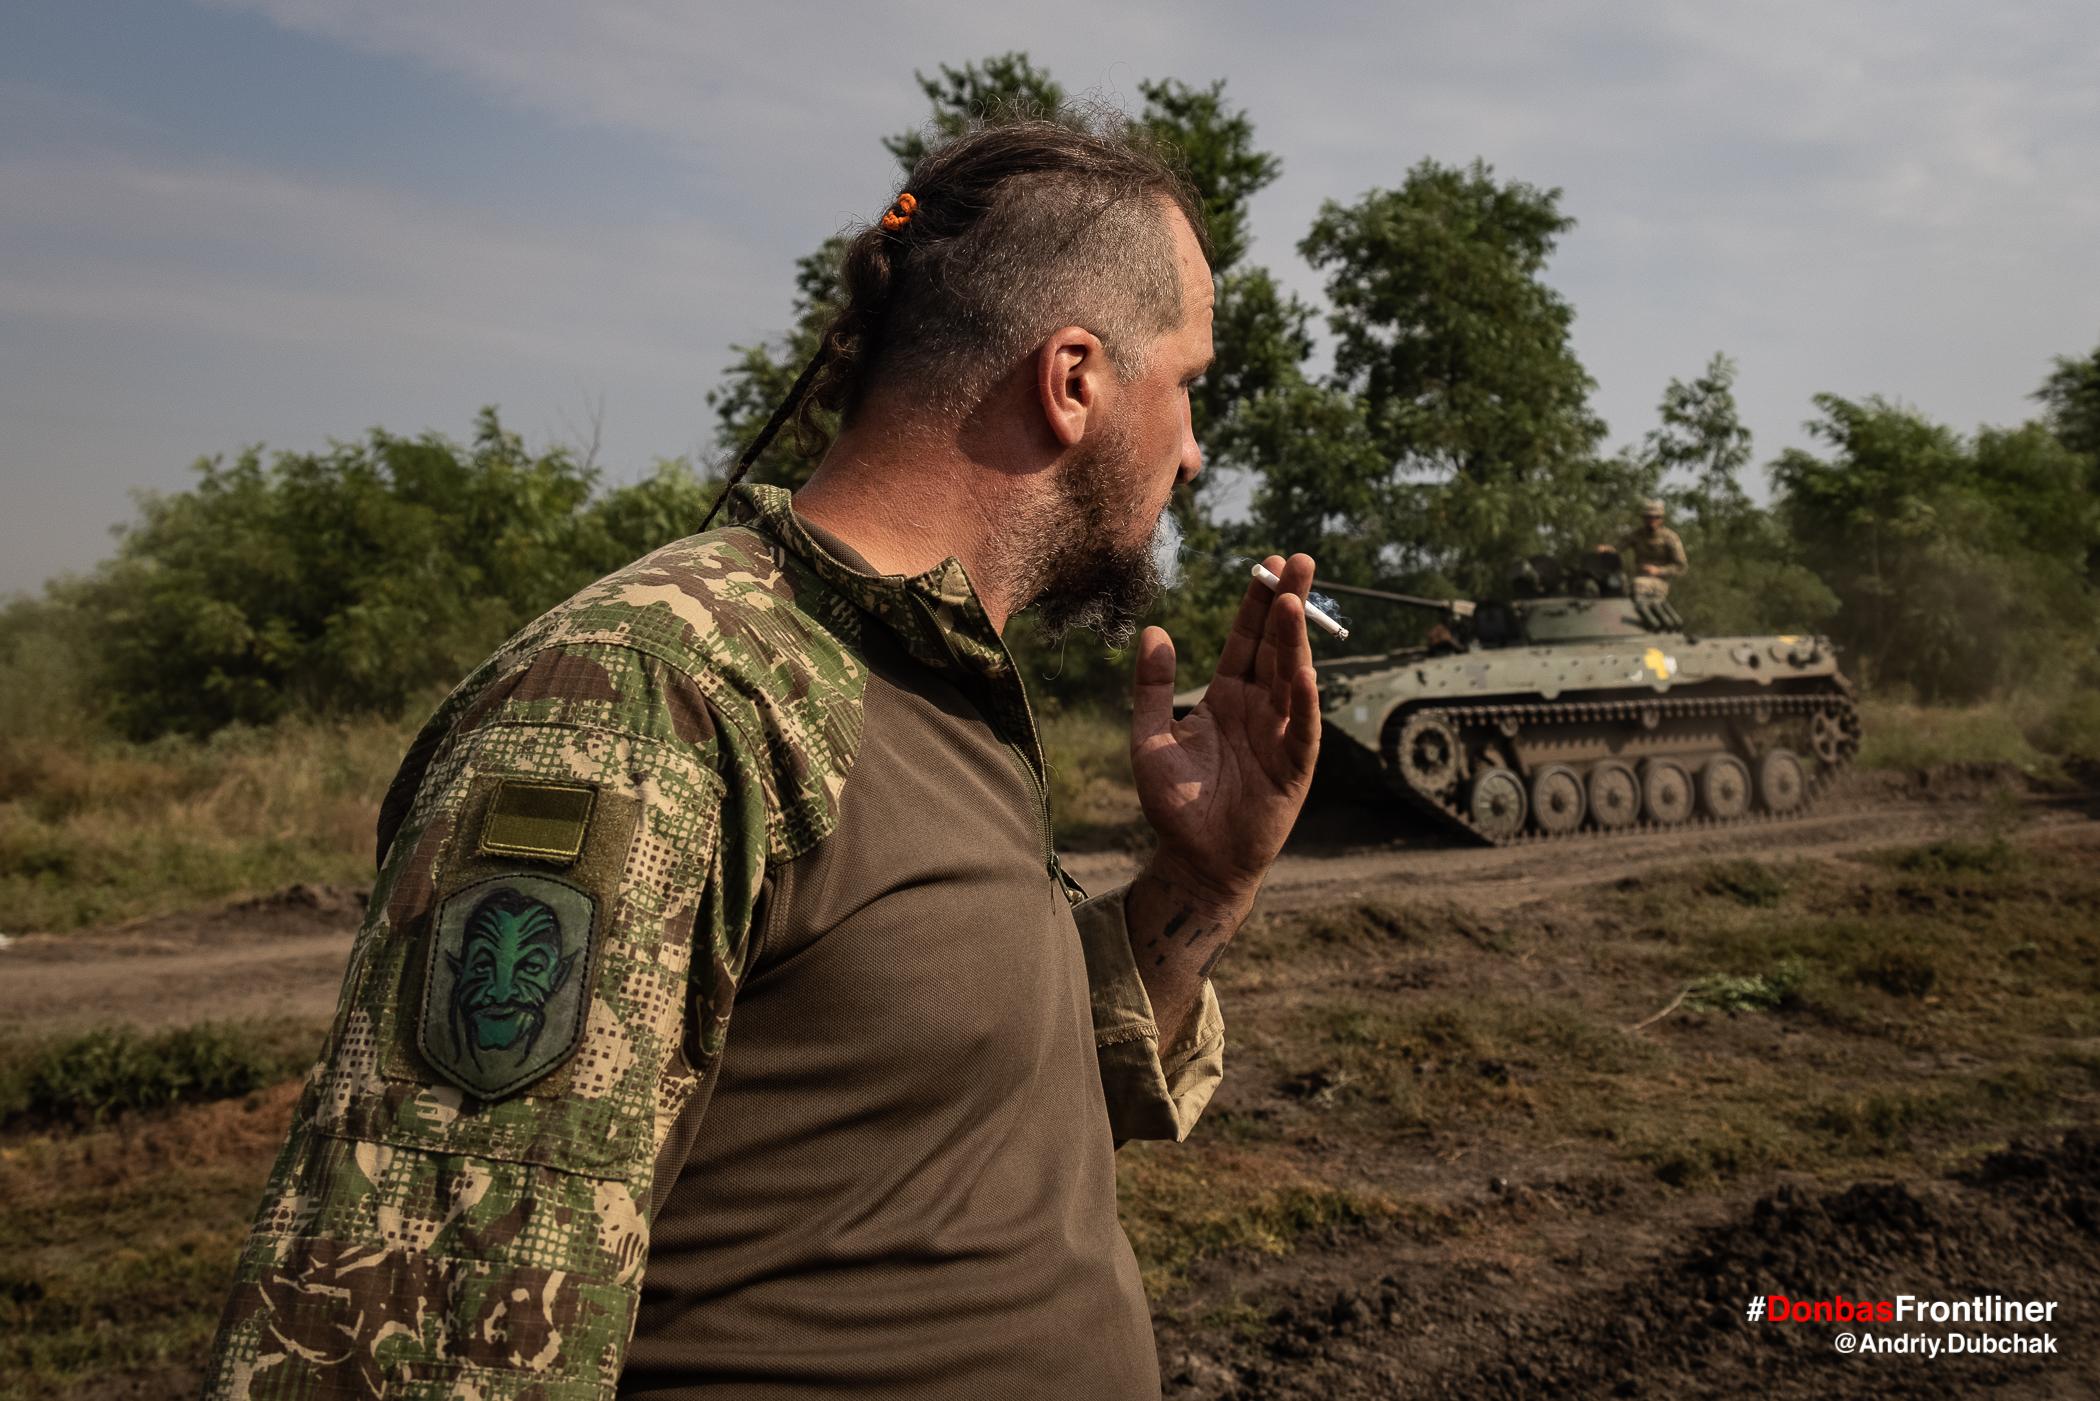 Петро з цигаркою. Бойове тренування 503-го батальйону морської піхоти на Приазов'ї, липень 2021 року